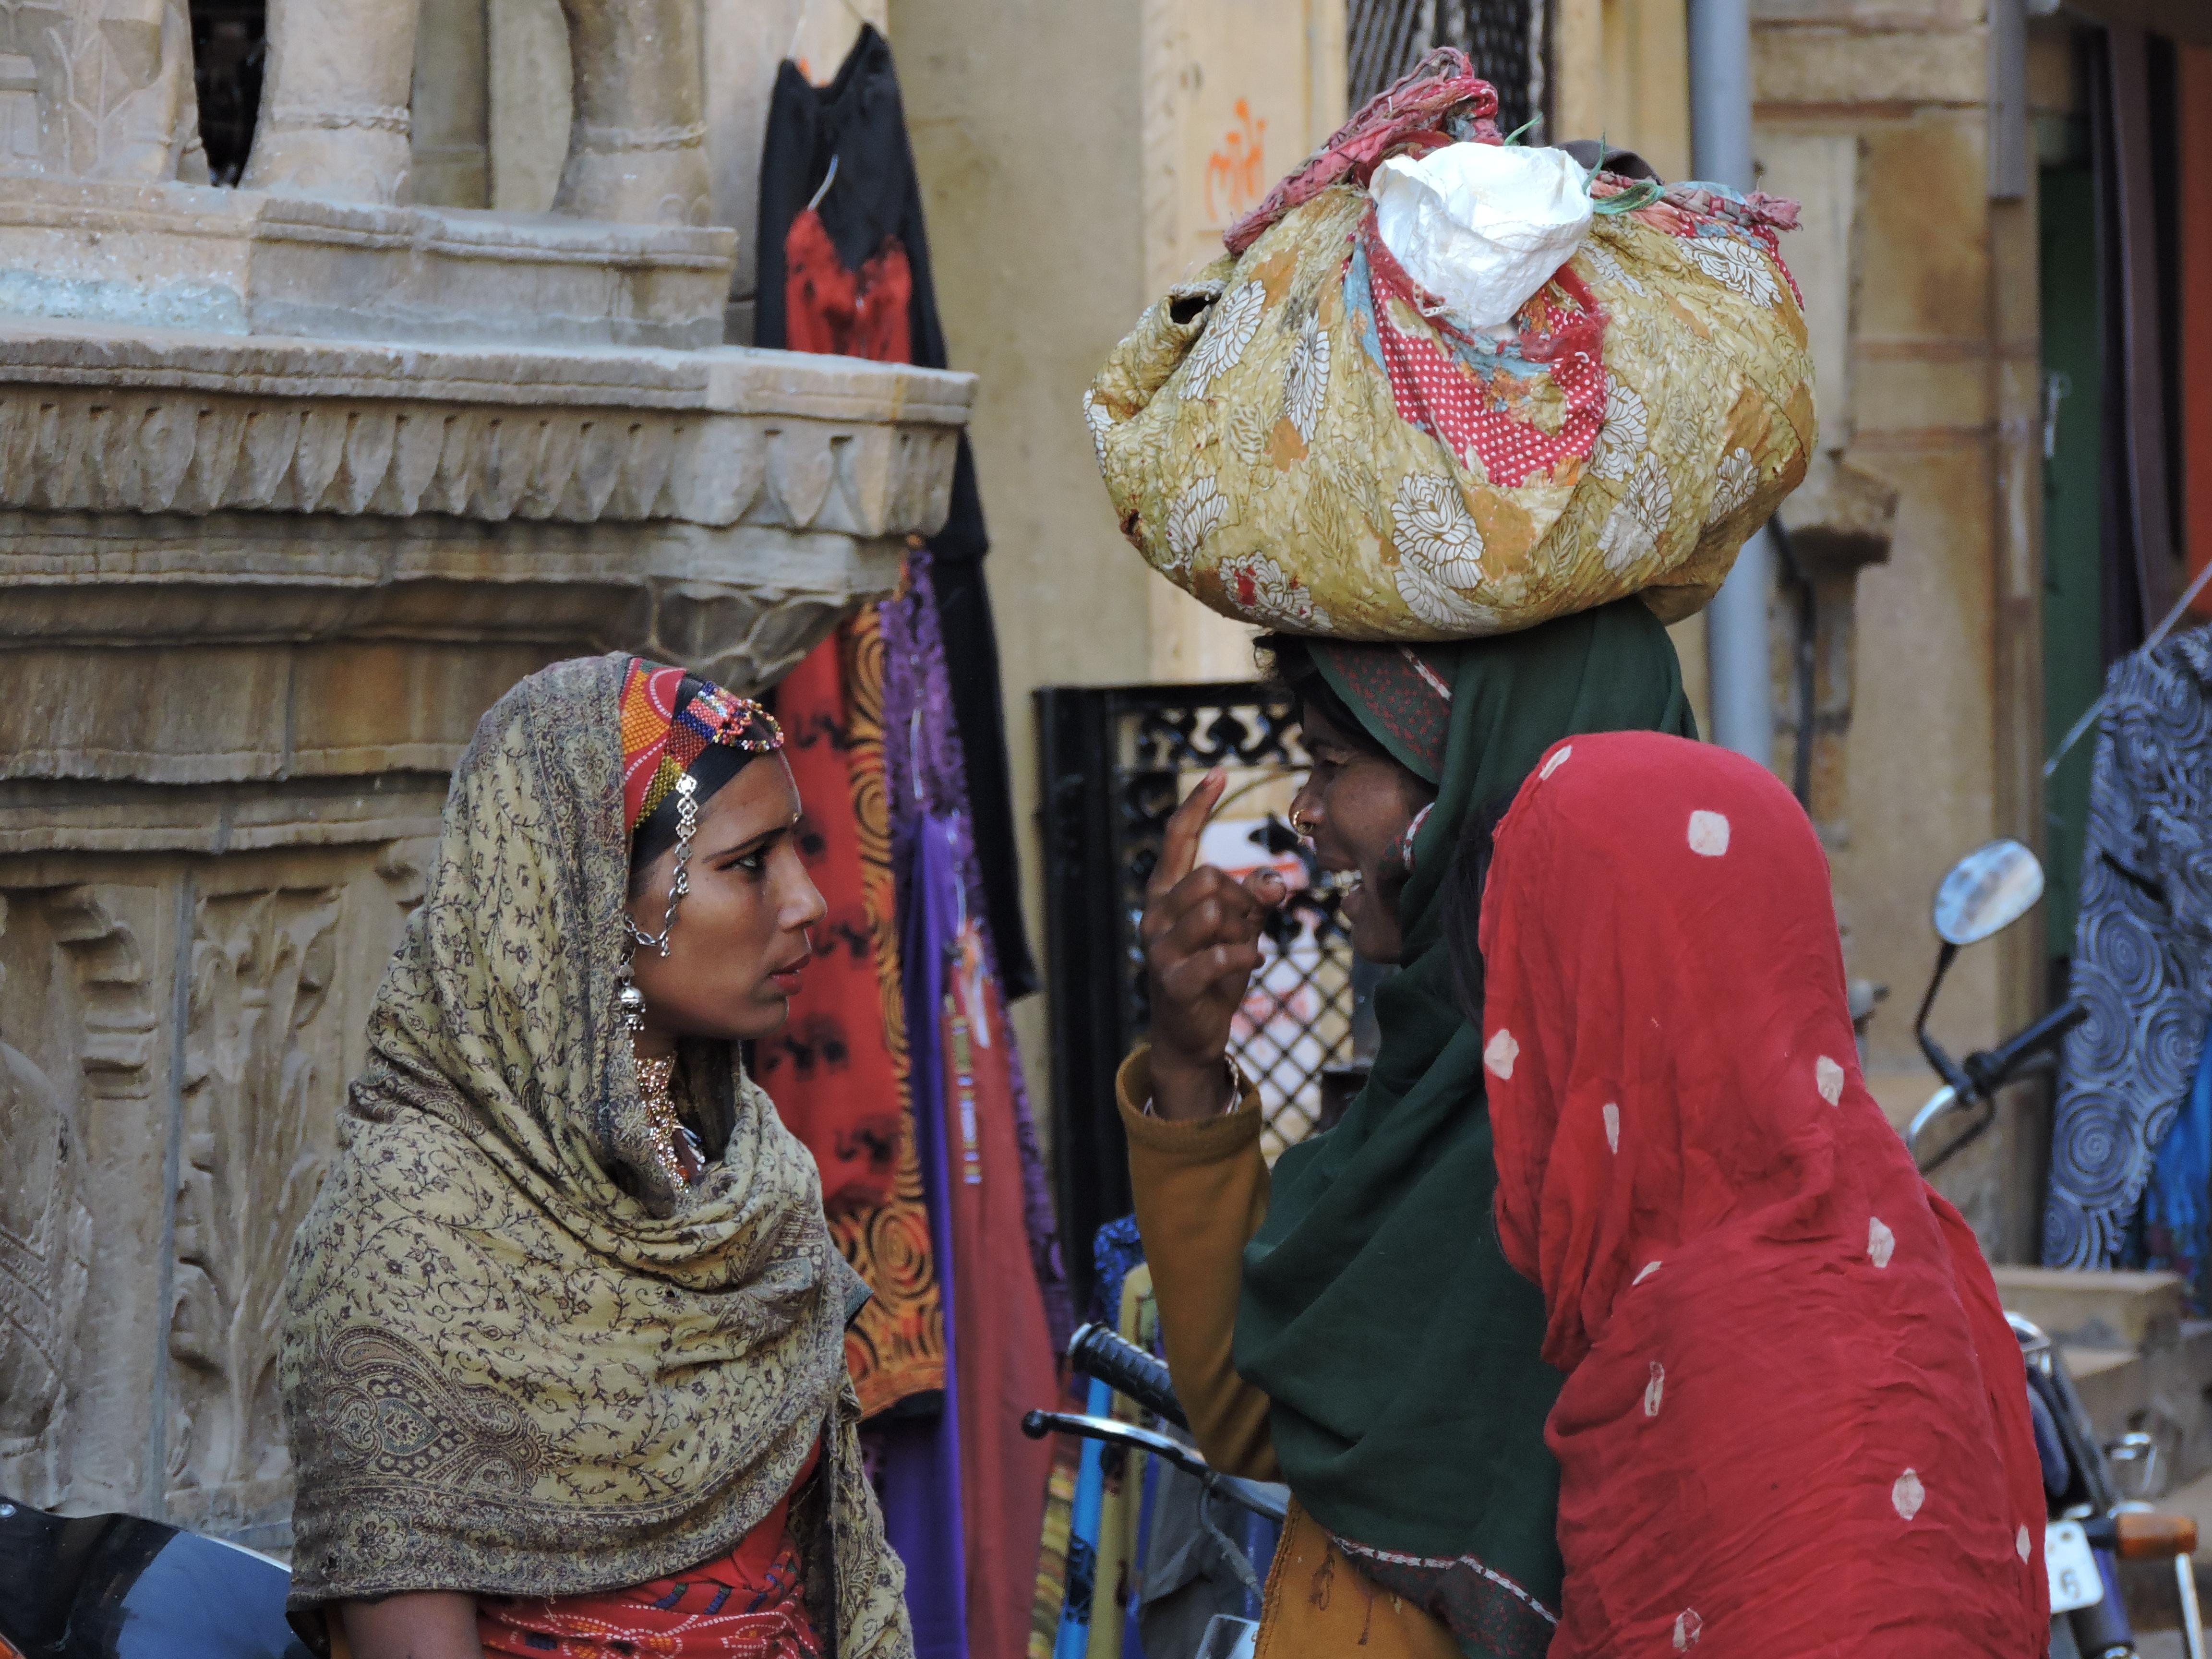 Voyage au nord ouest de l'Inde 630299LINDEJocelyn022017314